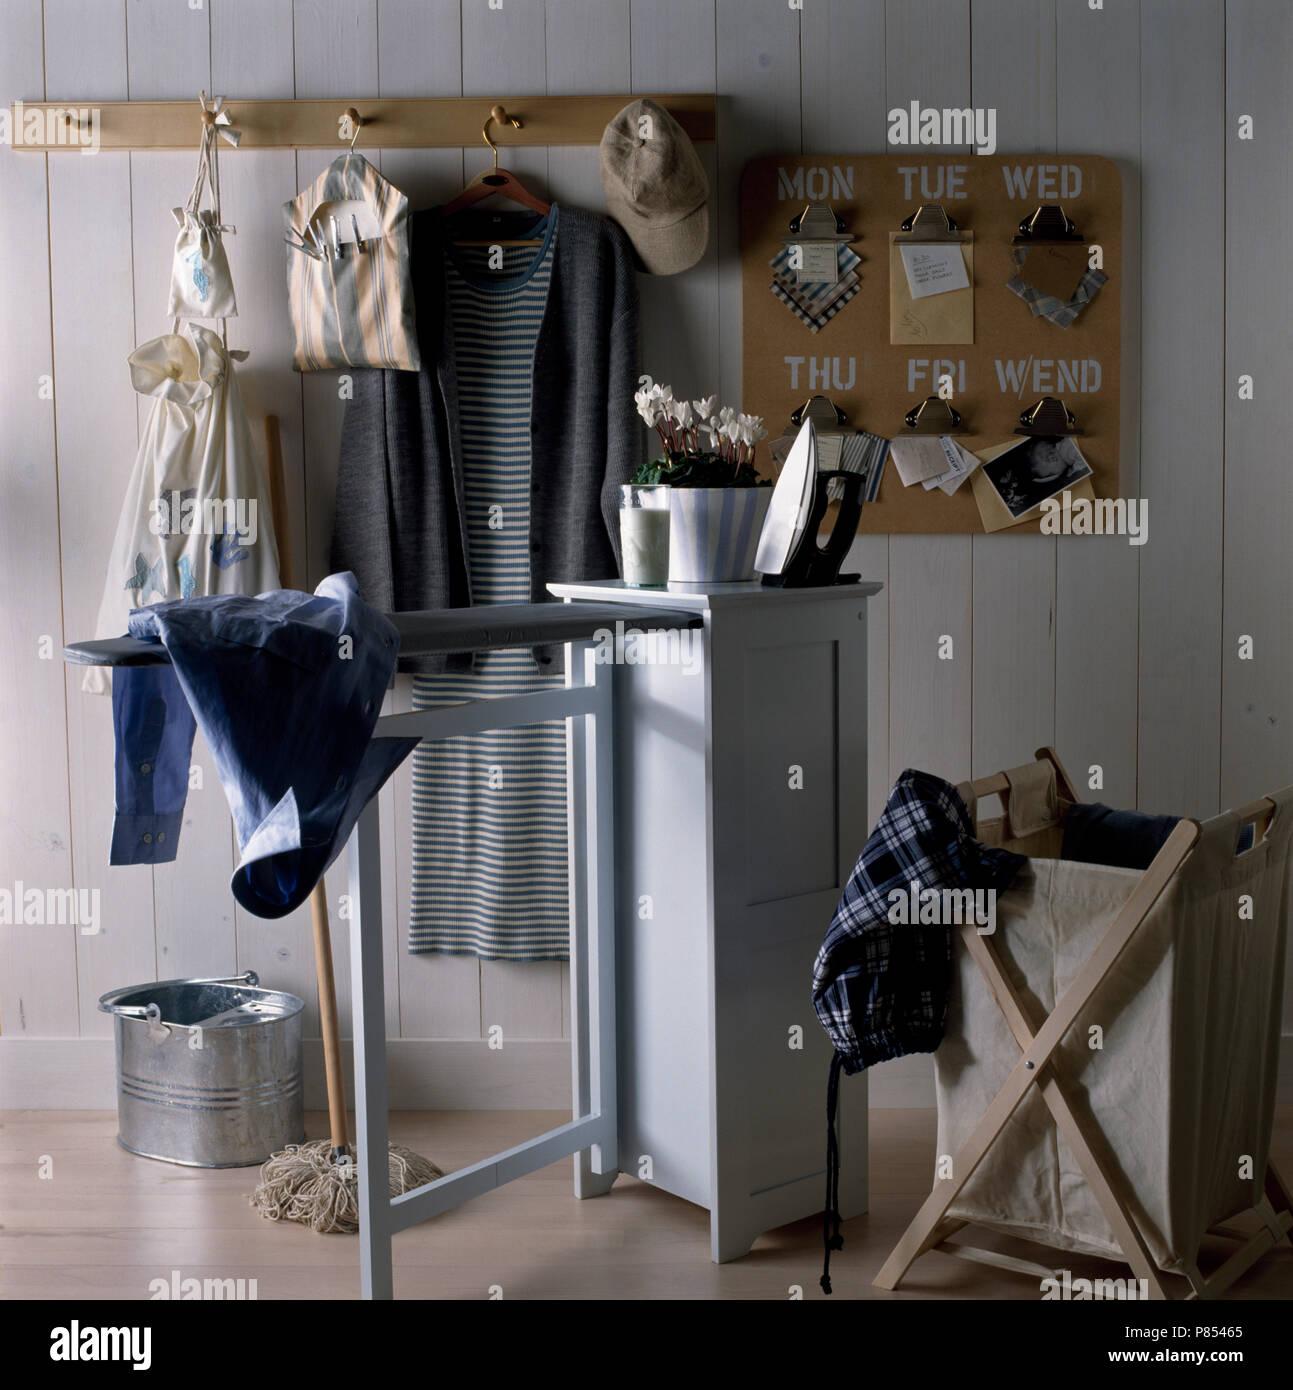 Bügeleisen Auf Einen Schrank Mit Einem Ausziehbaren Bügelbrett In Einer  Wirtschaft, Hauswirtschaftsraum Mit Waschmaschine Bin Und Eine Peg Board  Mit ...